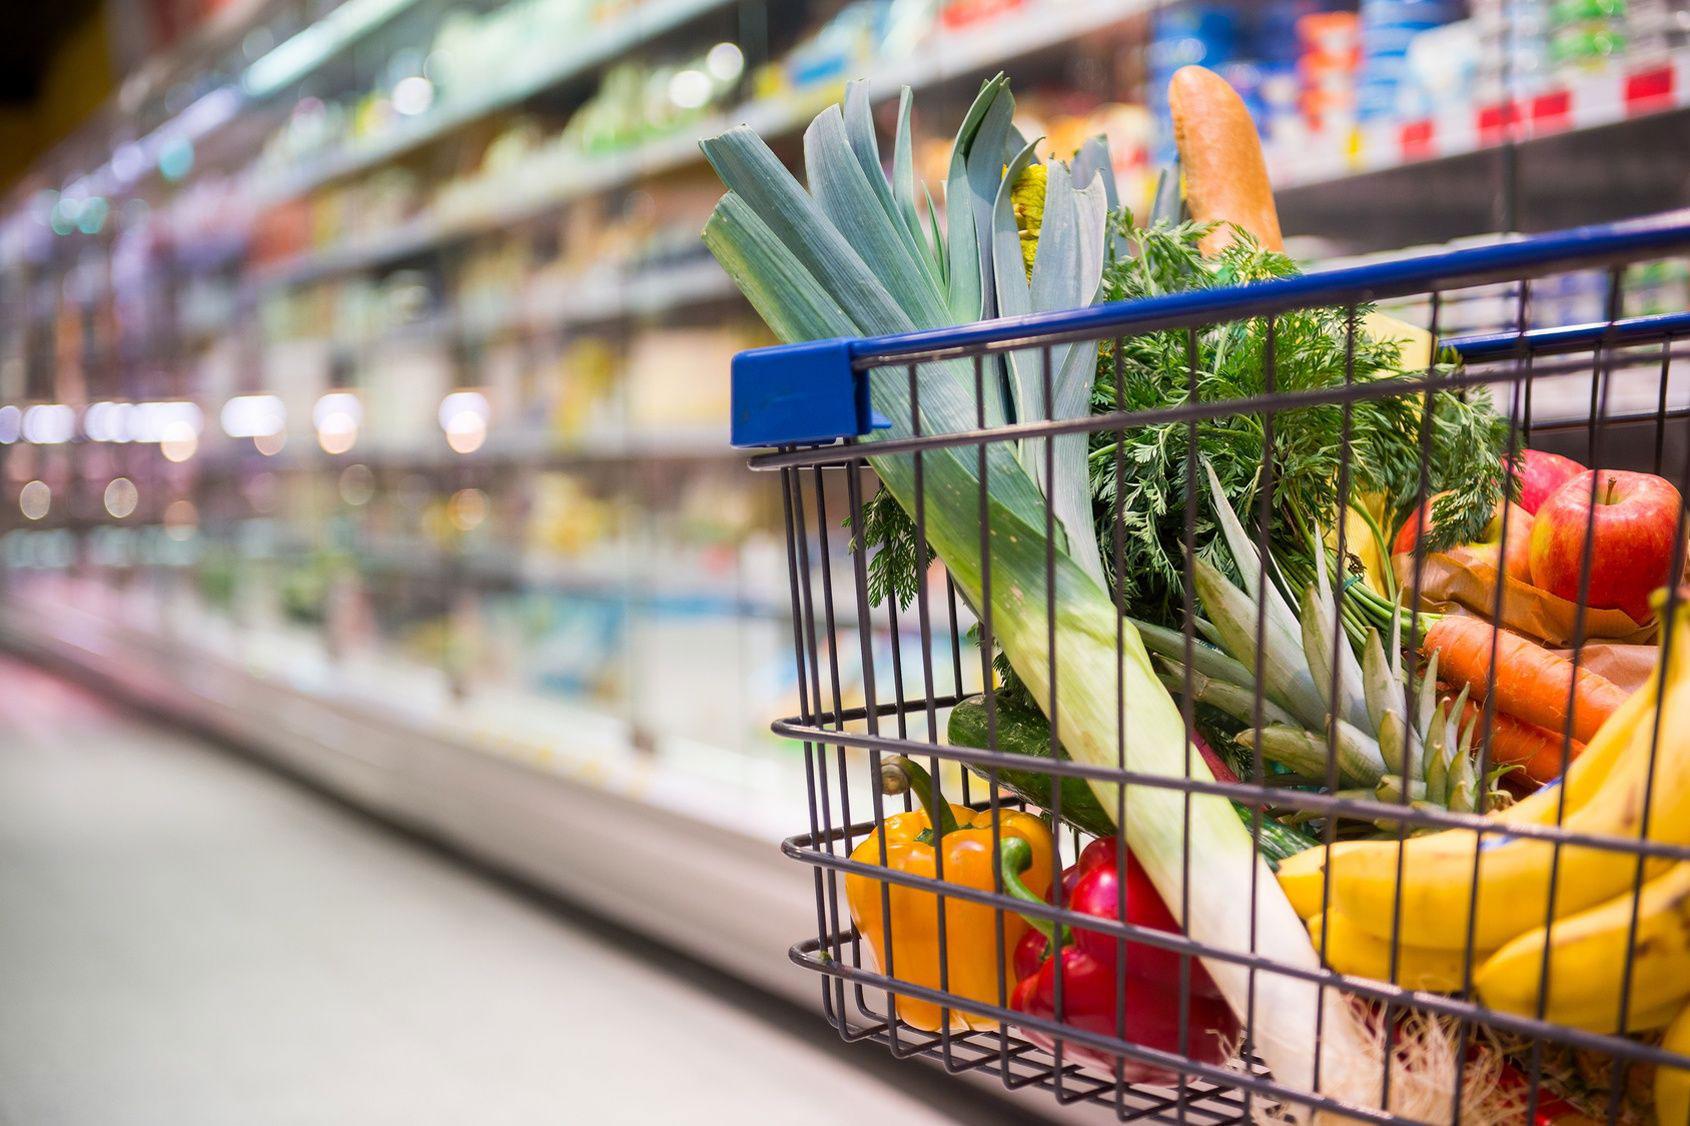 Cursos de Formación en Distribución Alimentaria - Afronta Consultoría y Formación a medida